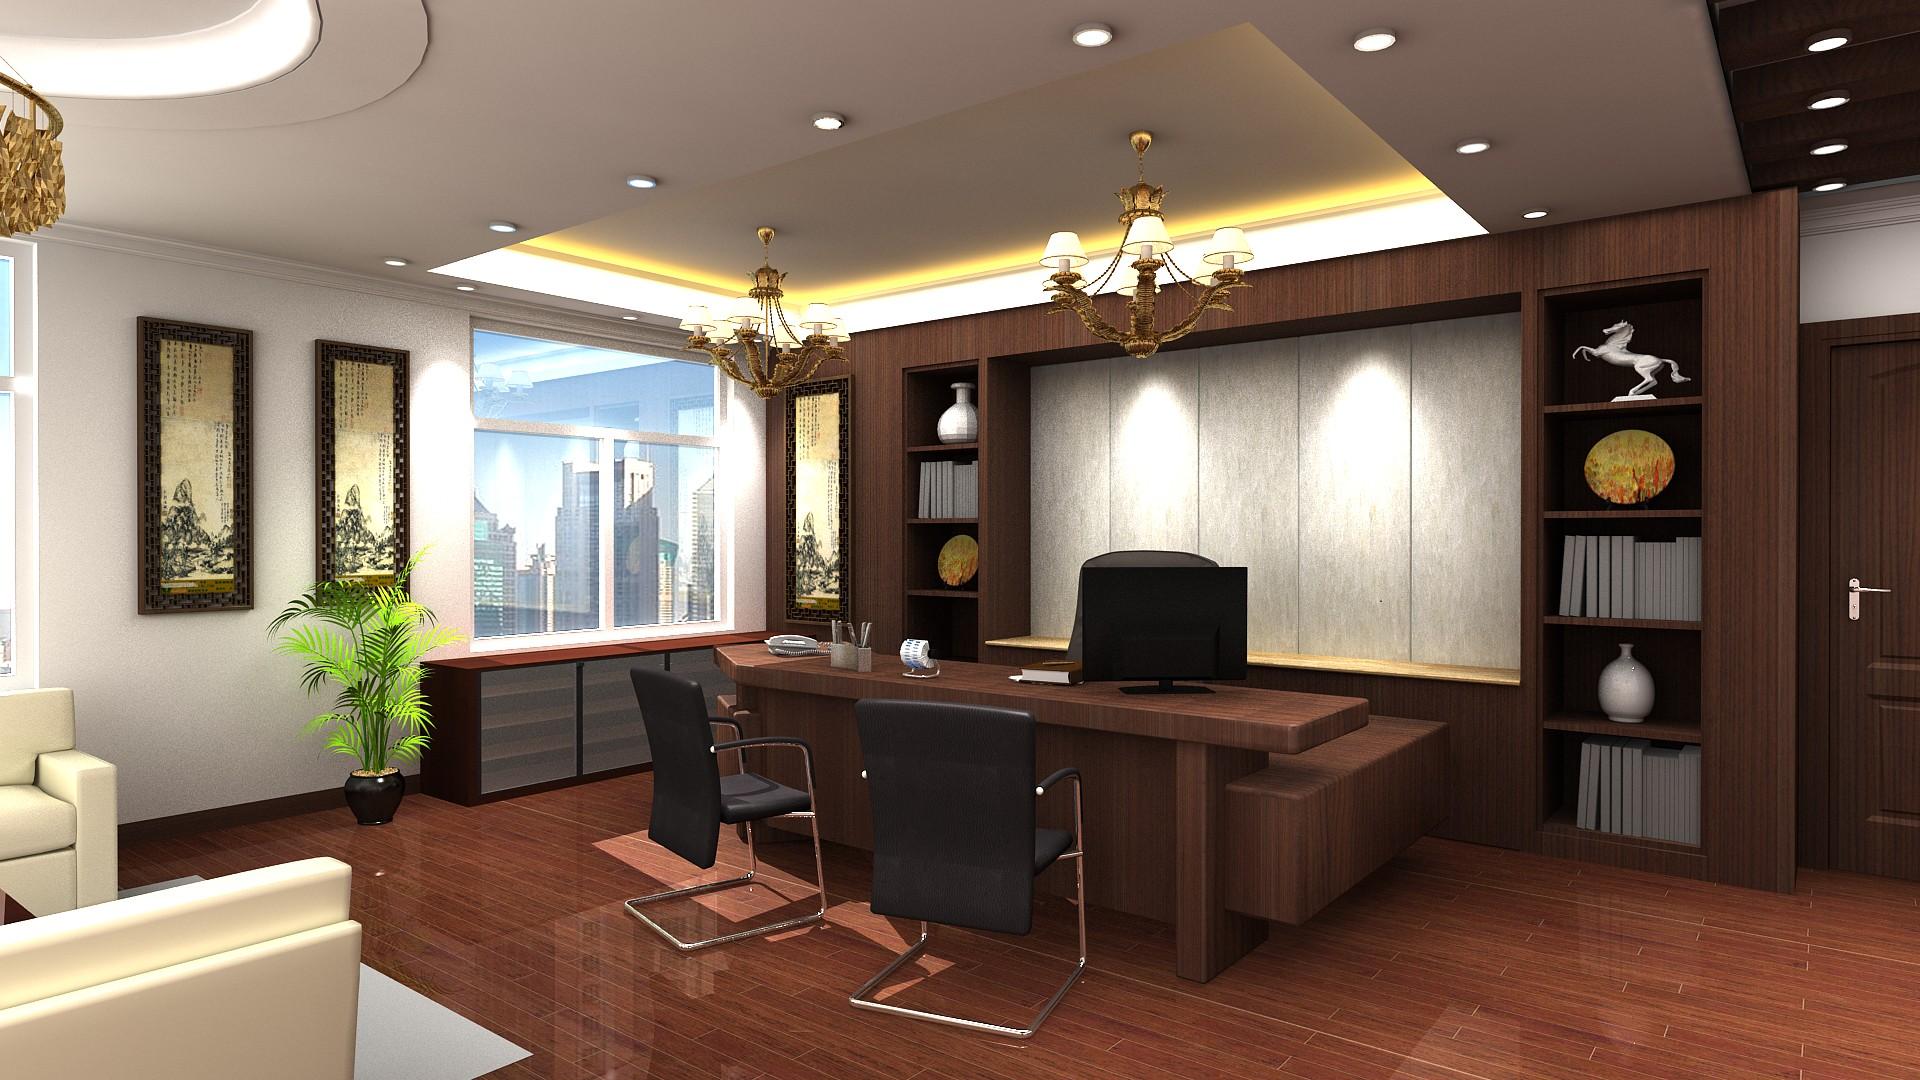 办公室装修风水 办公室风水布局的重要性